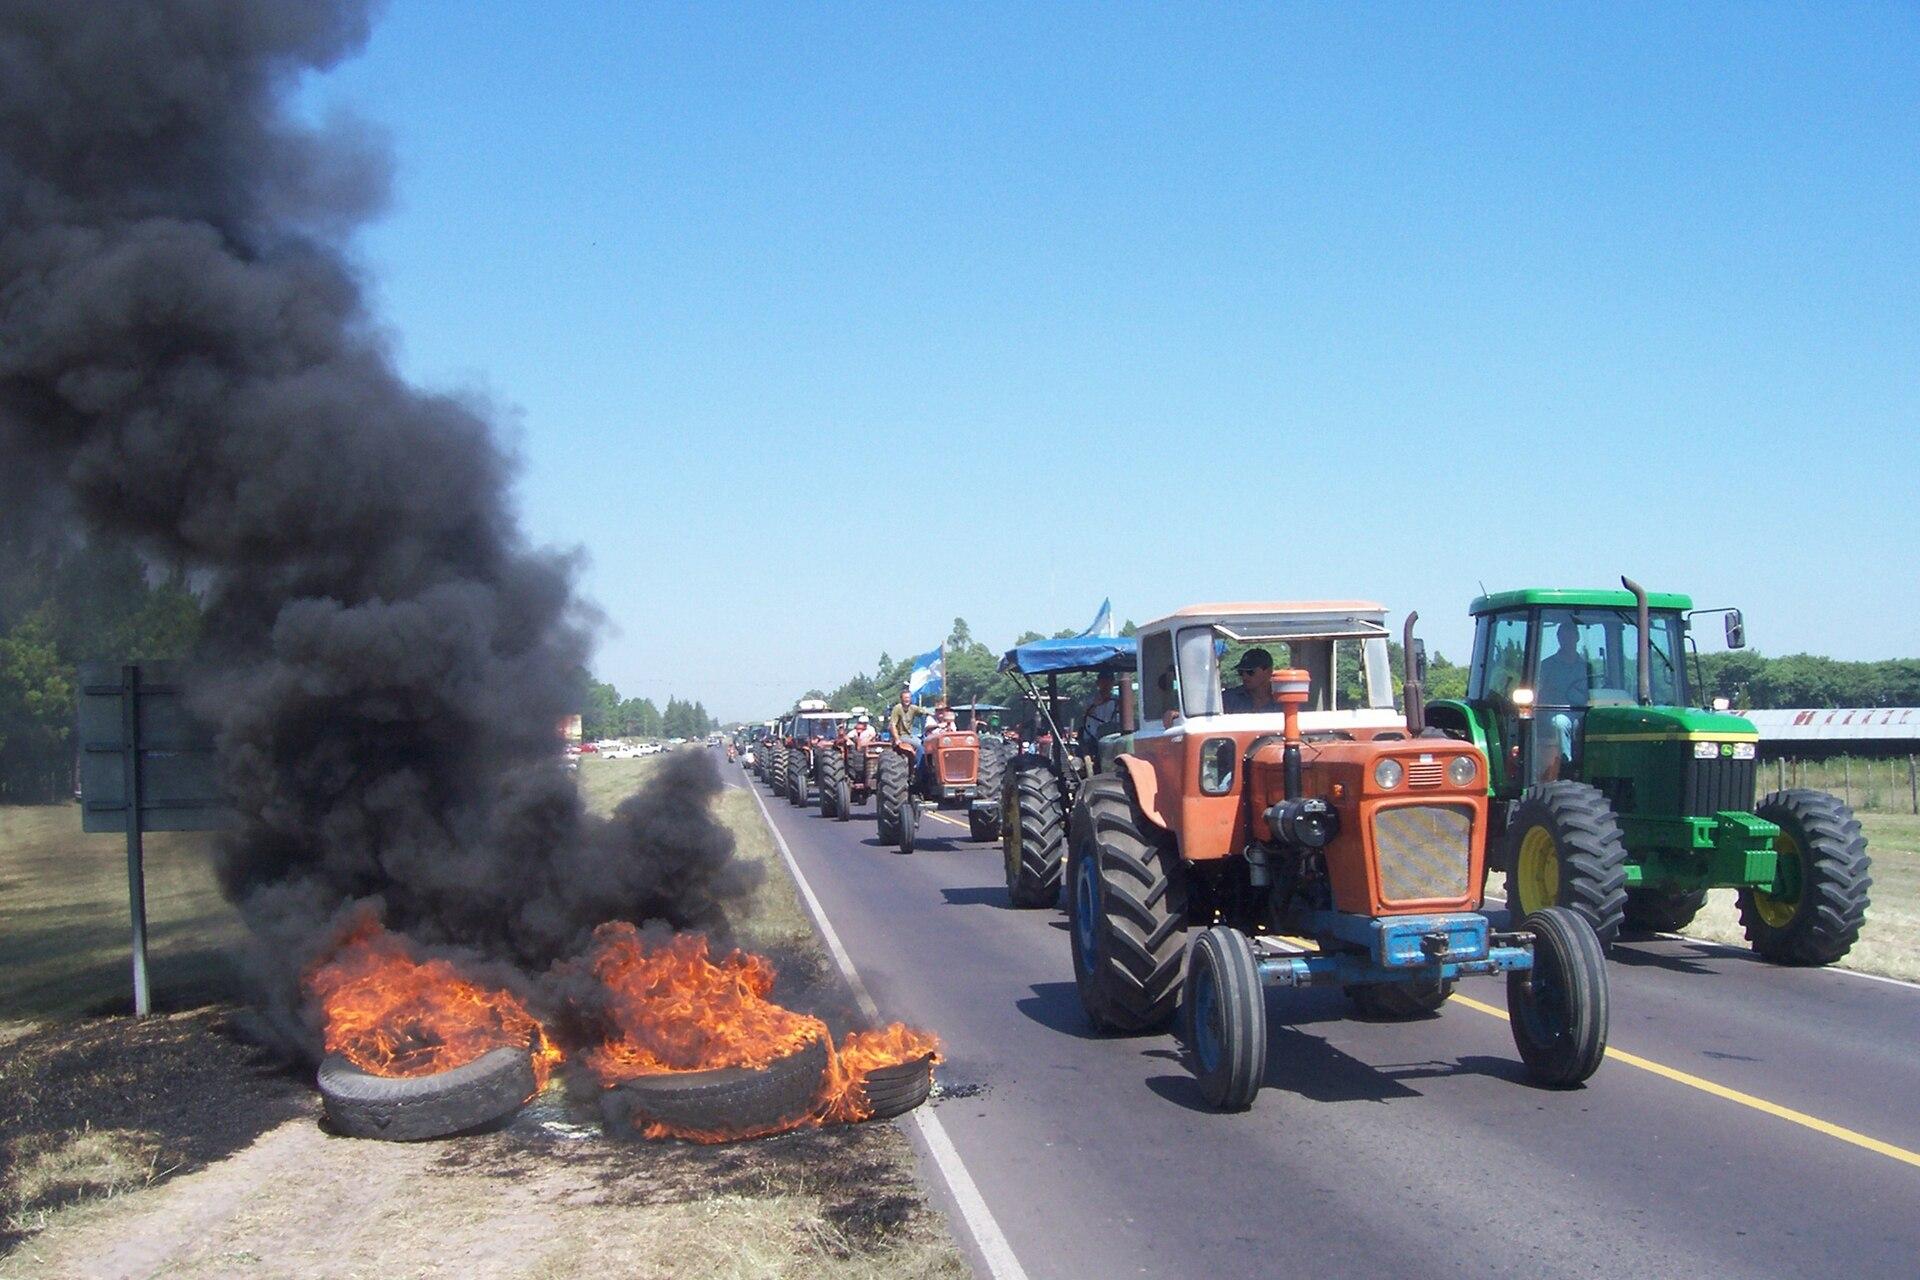 Productores agropecuarios cortan una ruta en la provincia de Santa Fe, en marzo de 2008, en protesta por un aumento en las retenciones a las exportaciones; para paliar el enorme déficit fiscal, los ministros de Economía suelen recurrir a la suba de impuestos